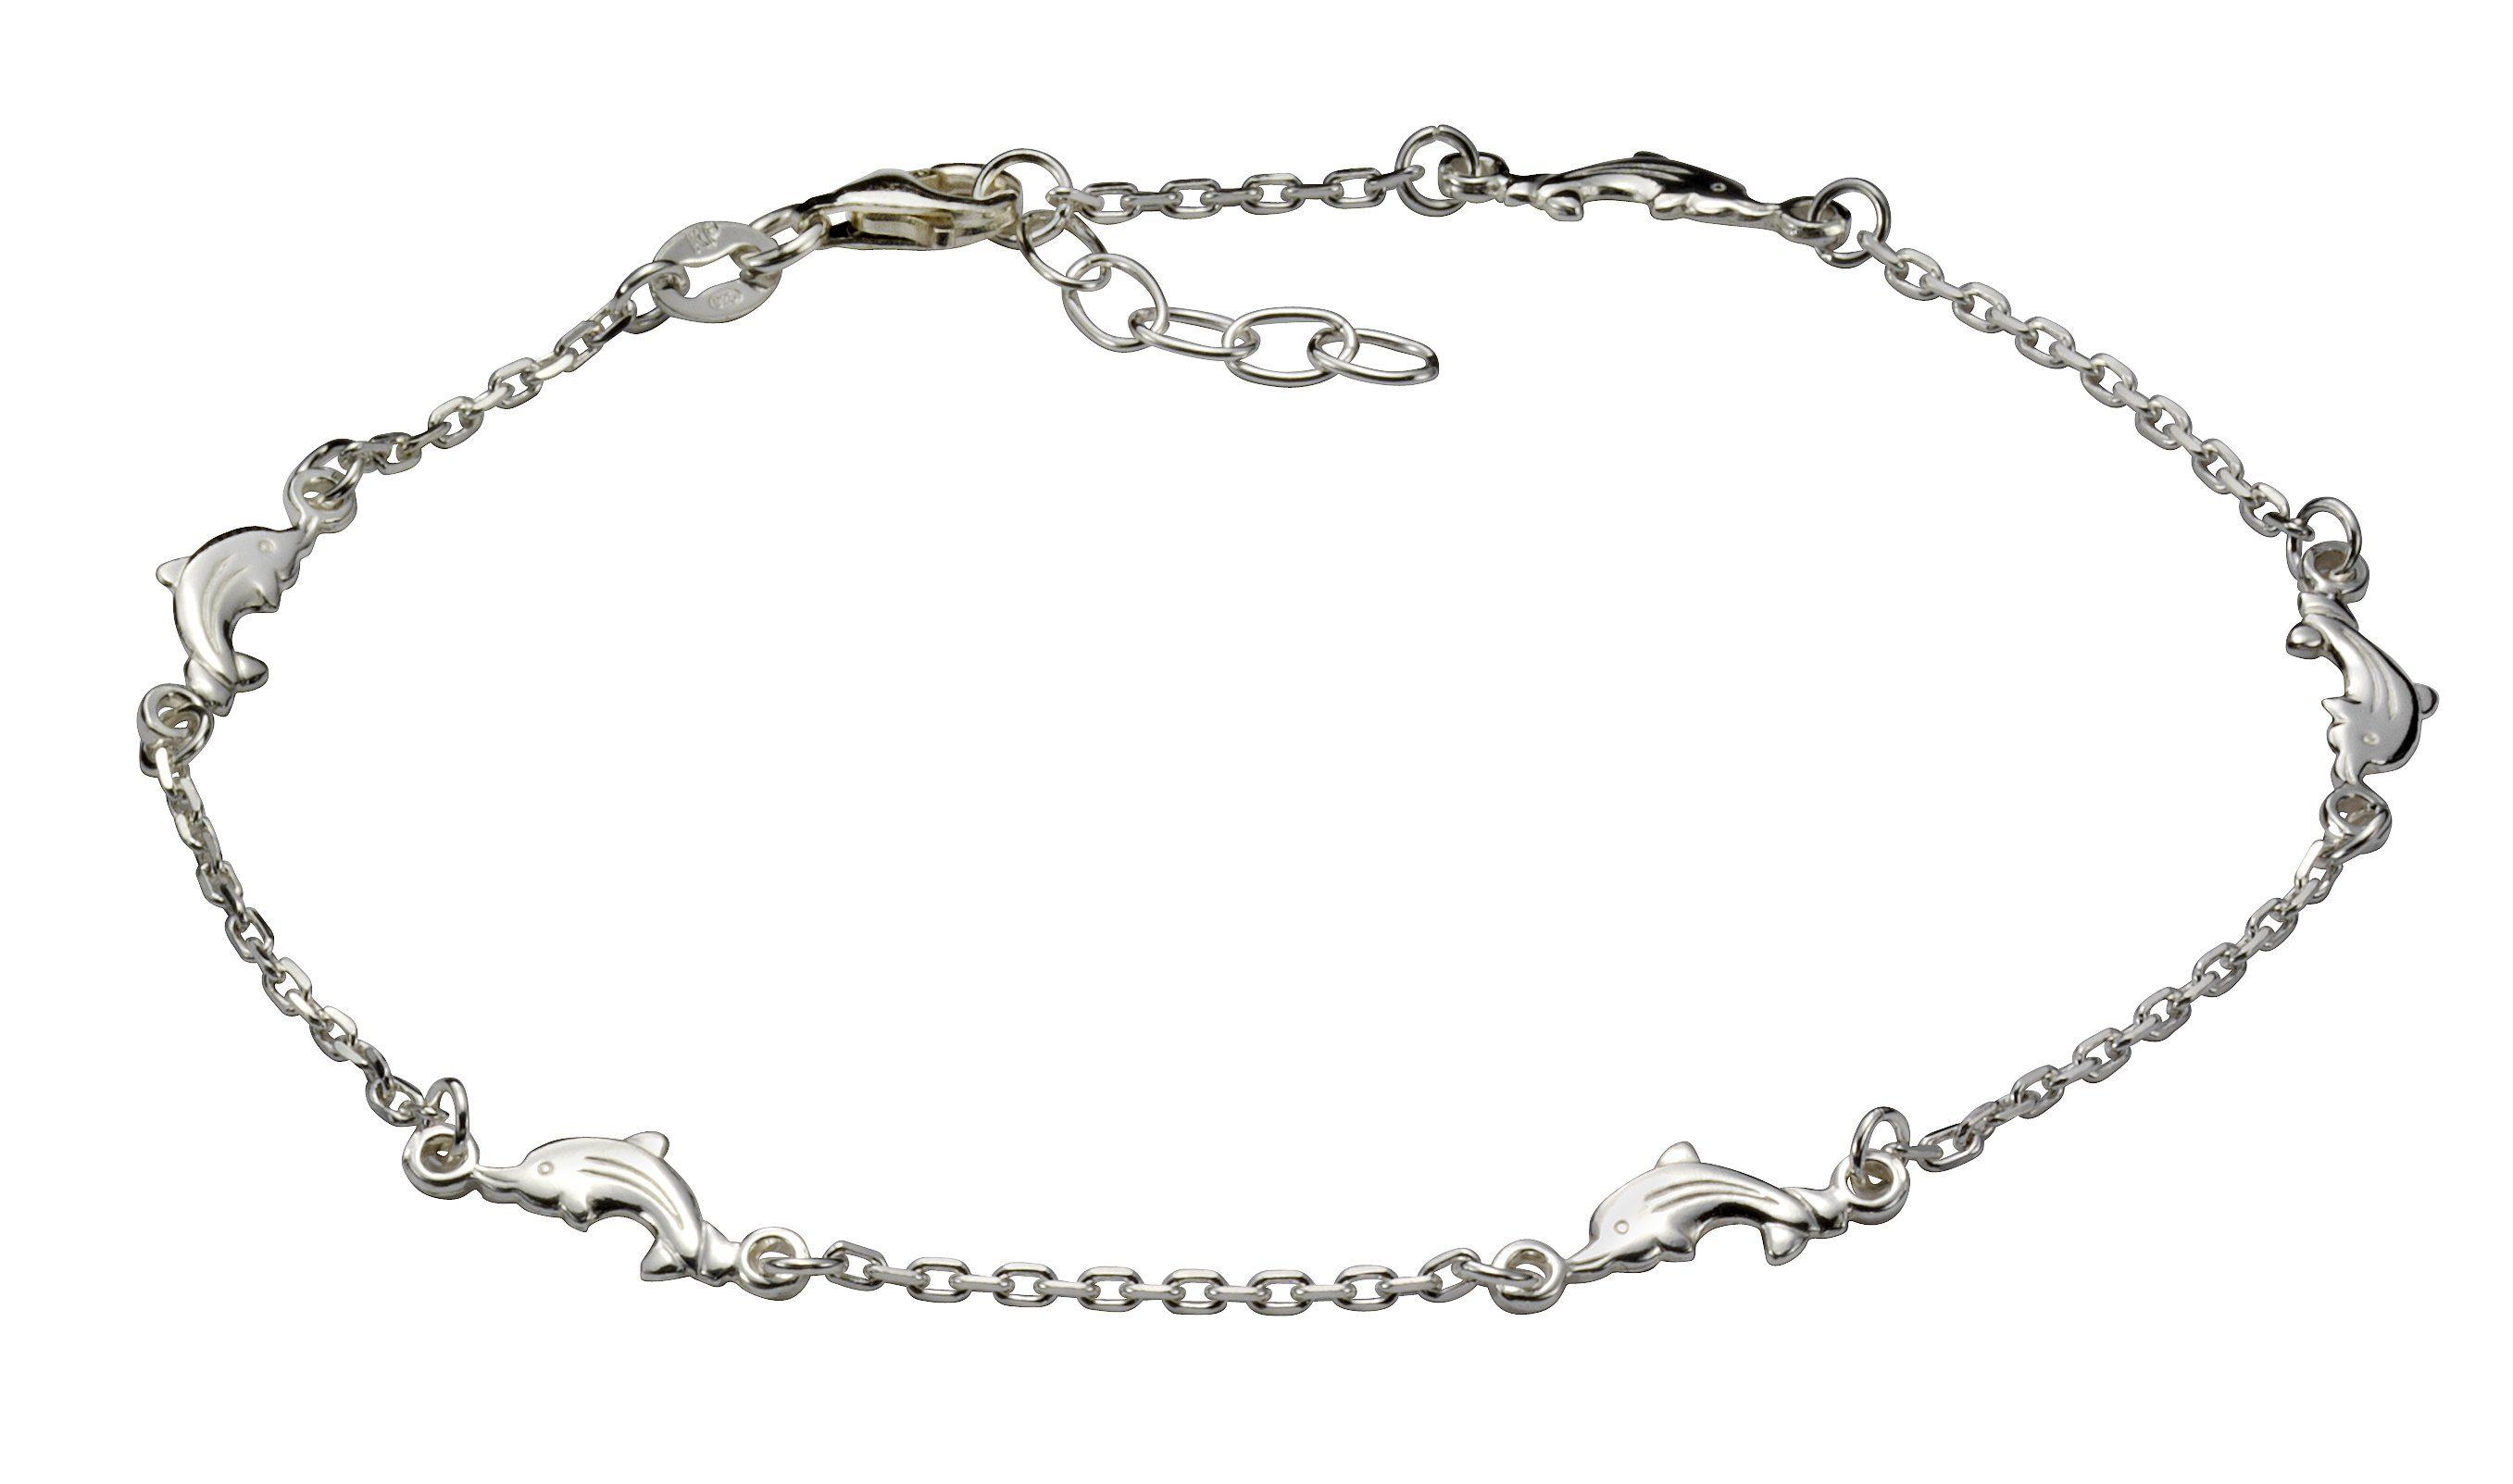 Vivance Fußkette 925/- Sterling Silber rhodiniert Delfine | Schmuck > Fußschmuck > Fußkettchen | Weiß | Vivance